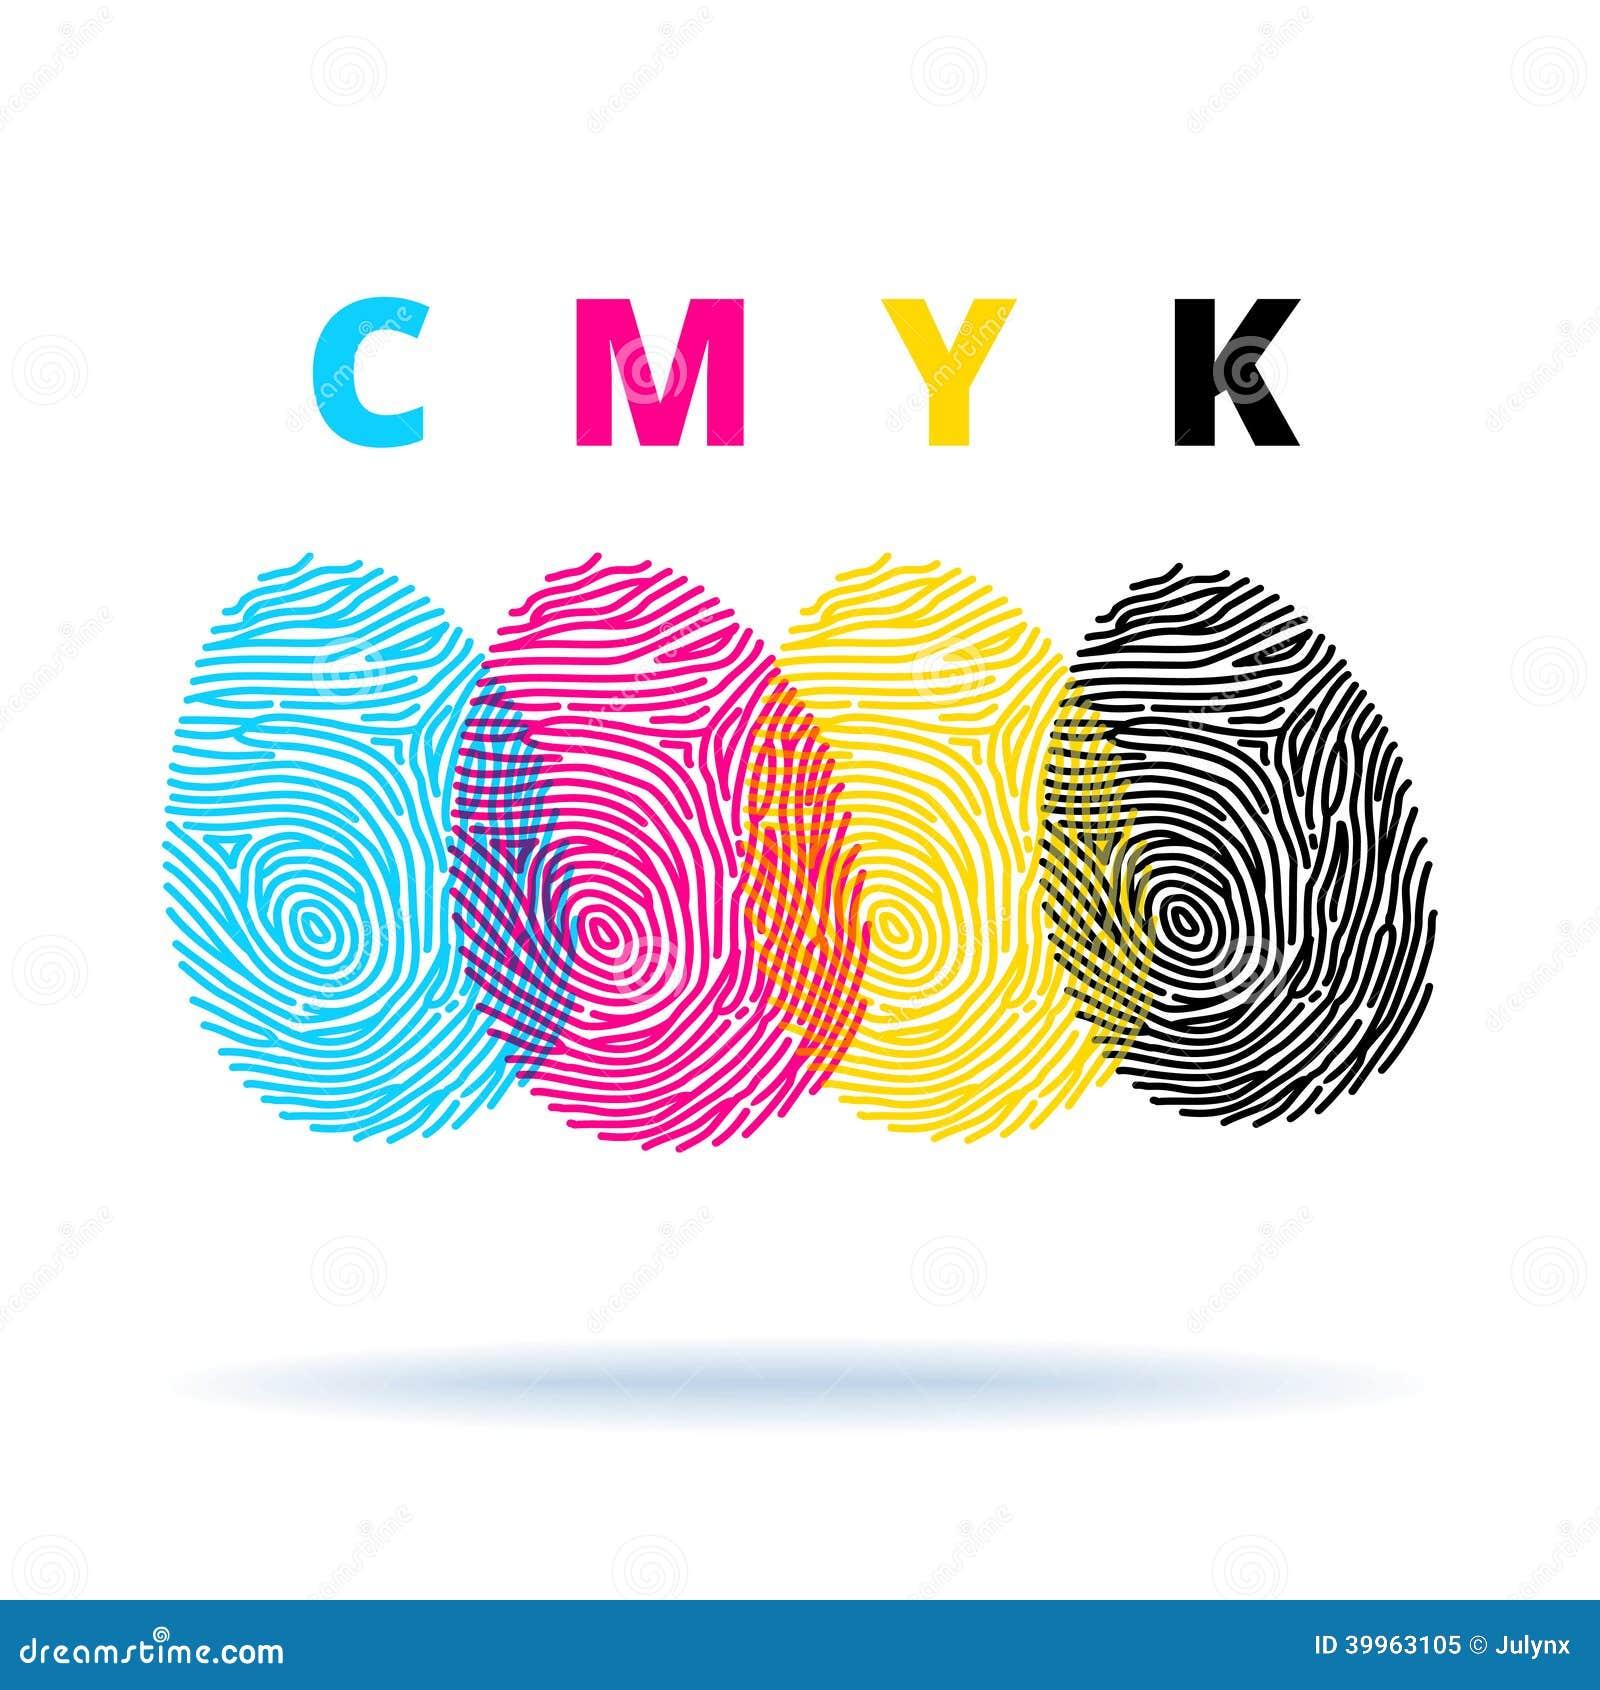 Cmyk Konzept Mit Fingerabdrucken Vektor Abbildung Illustration Von